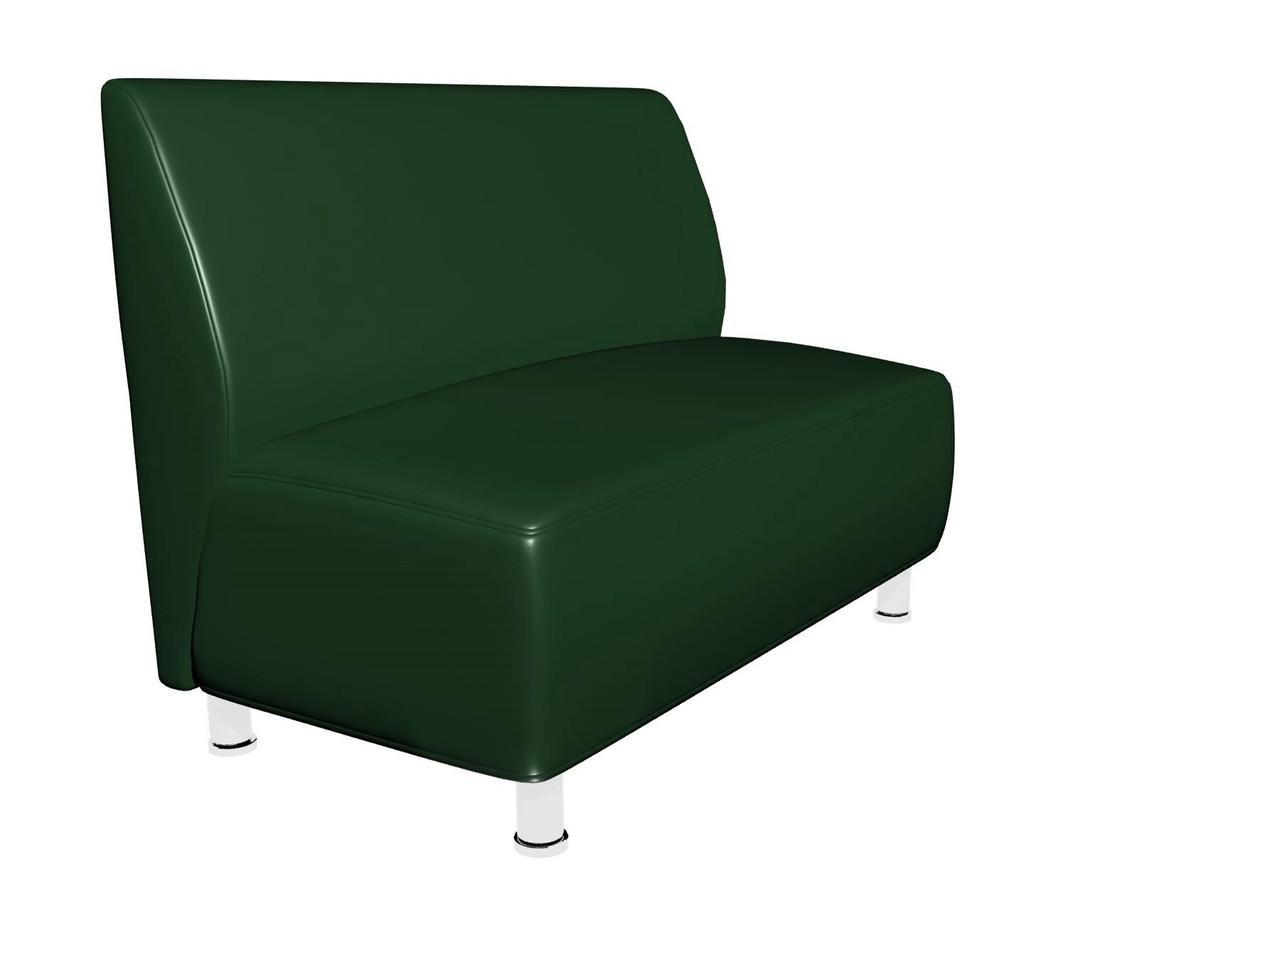 Диван Актив Sentenzo 1200x700x900 мм Темно-зелений (2324894224)